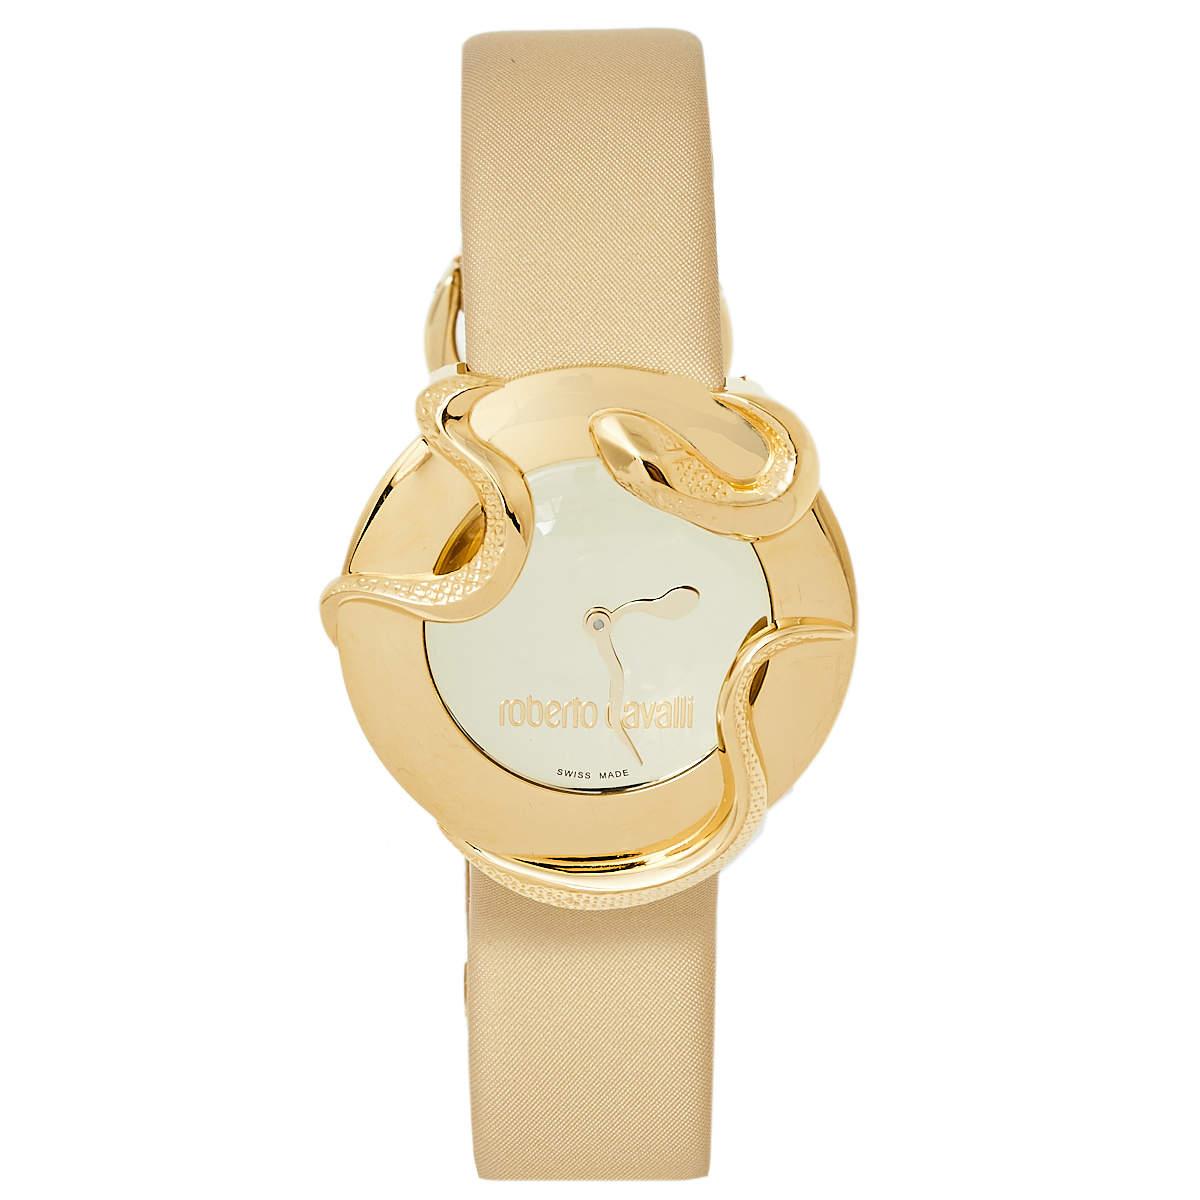 ساعة يد نسائية روبرتو كافالي 7251165817 ستانلس ستيل مطلية بالذهب  ثعبان  38 مم